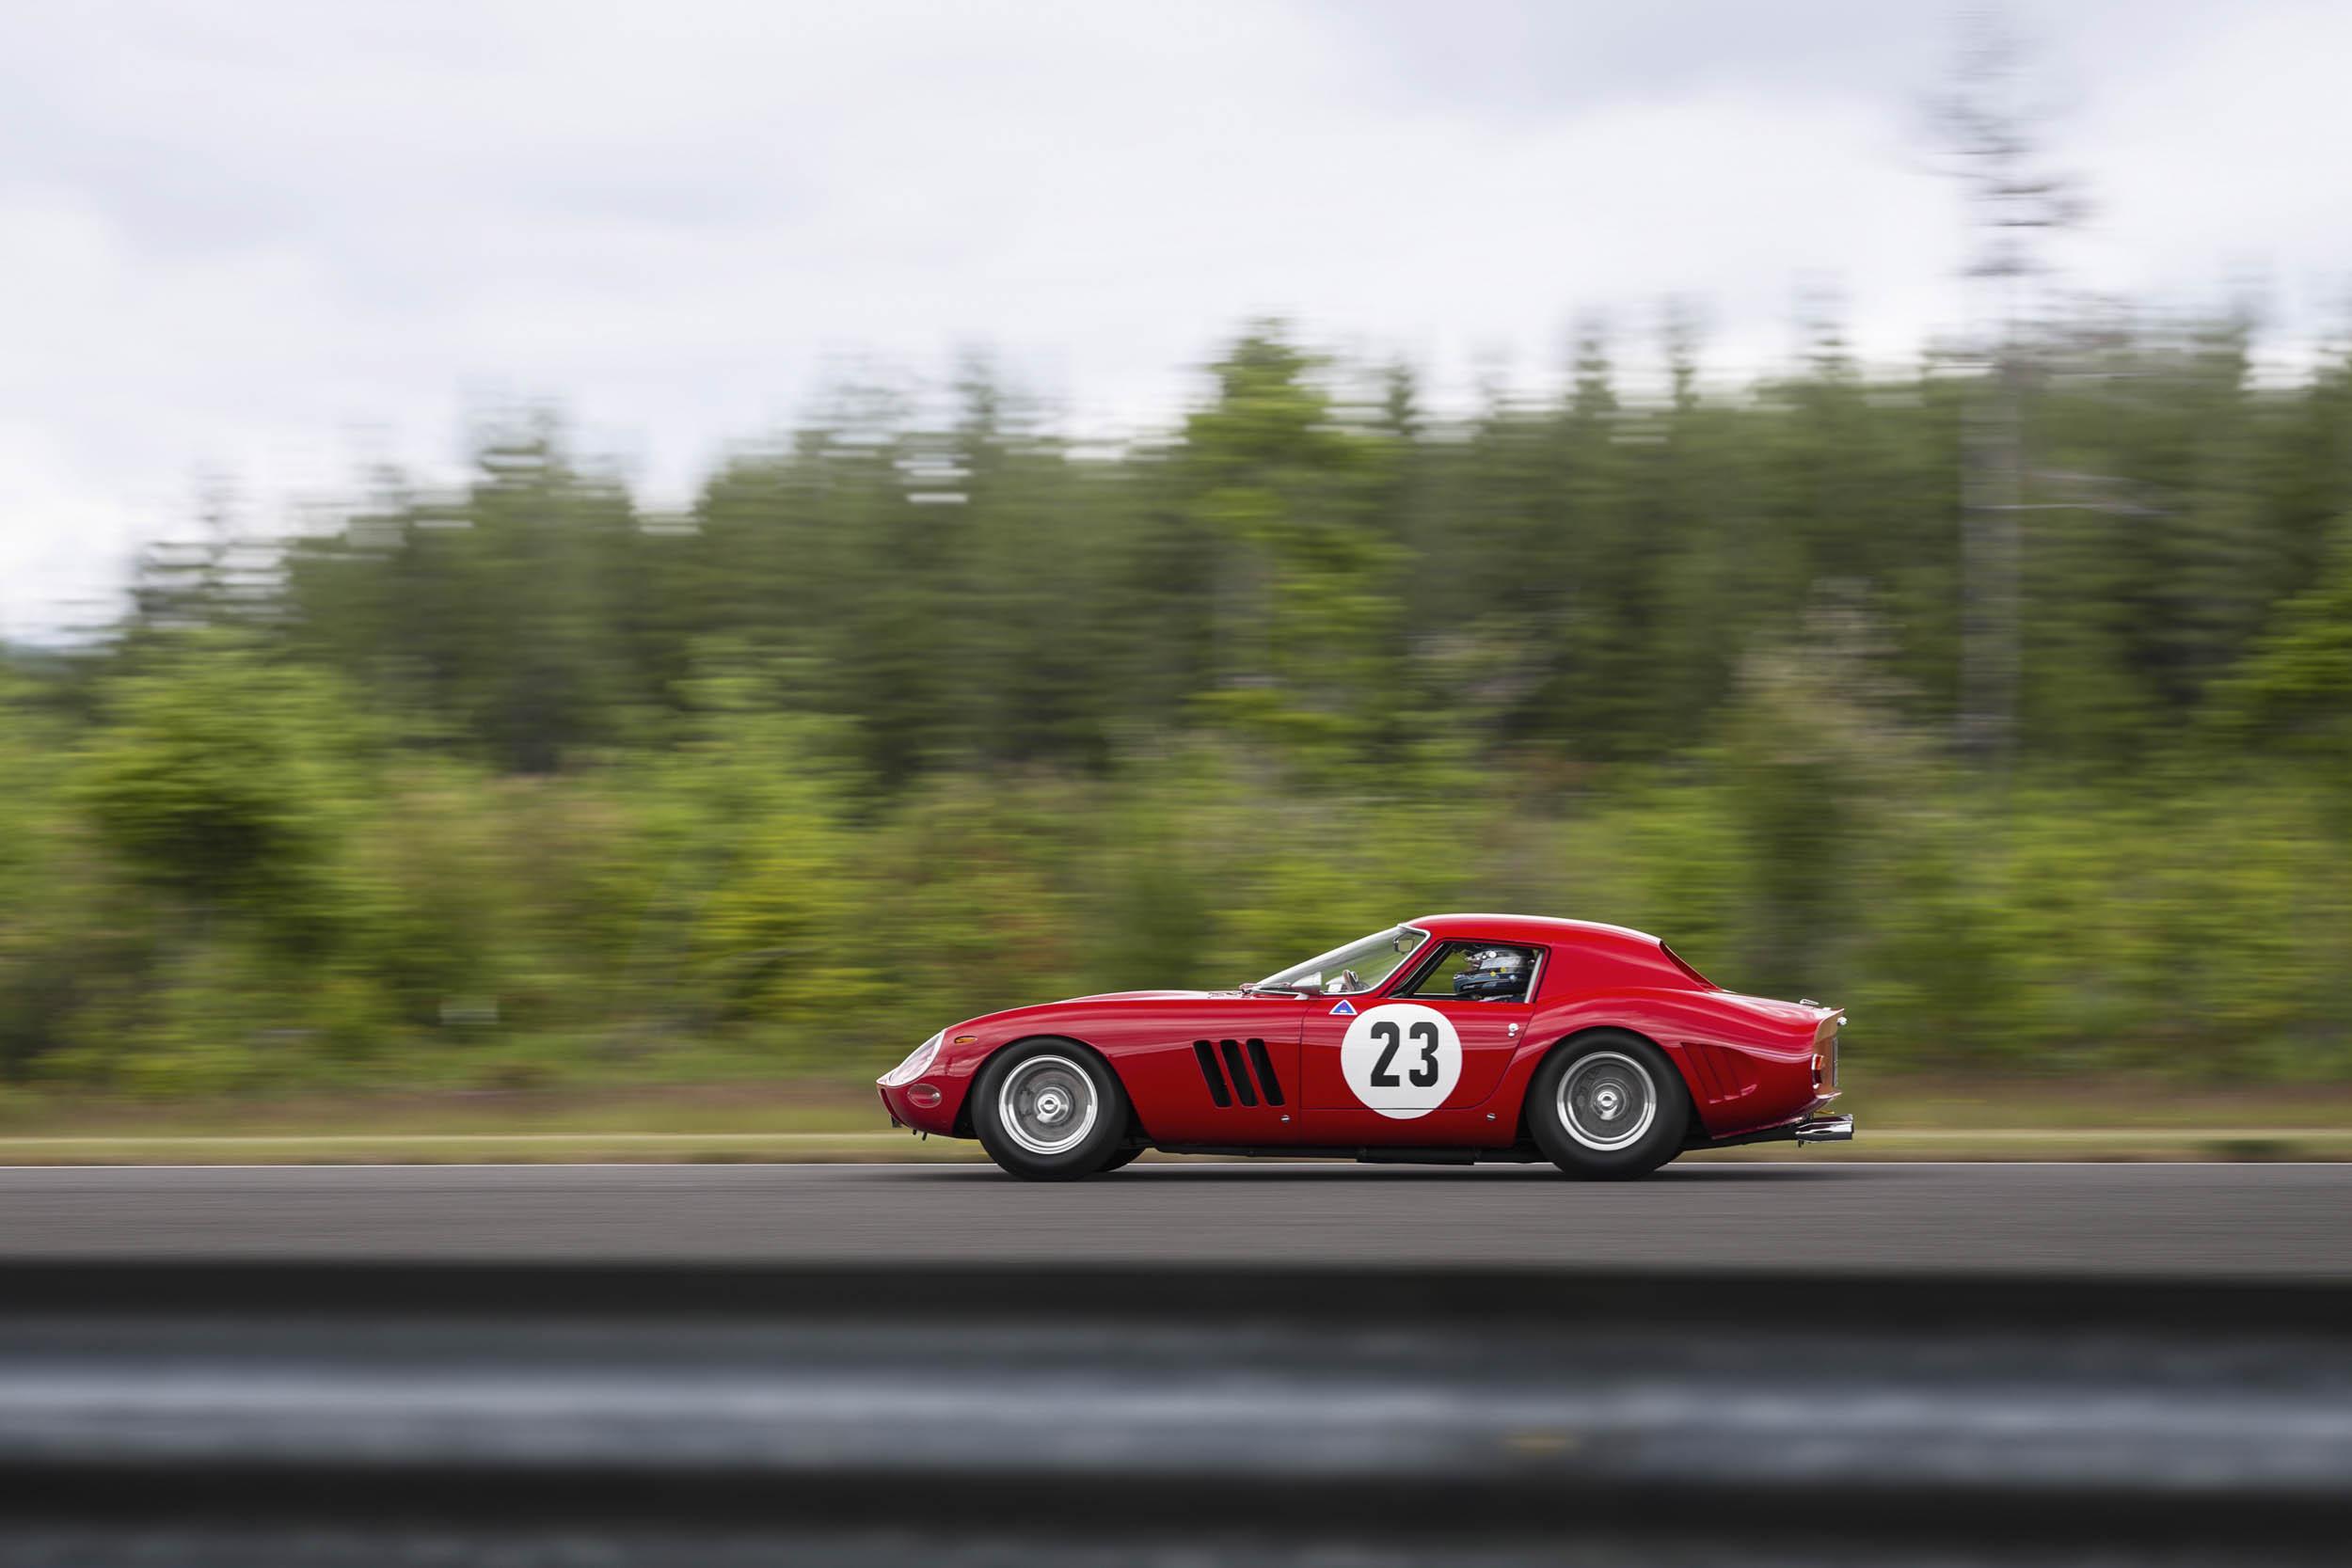 1962 Ferrari 250 GTO side